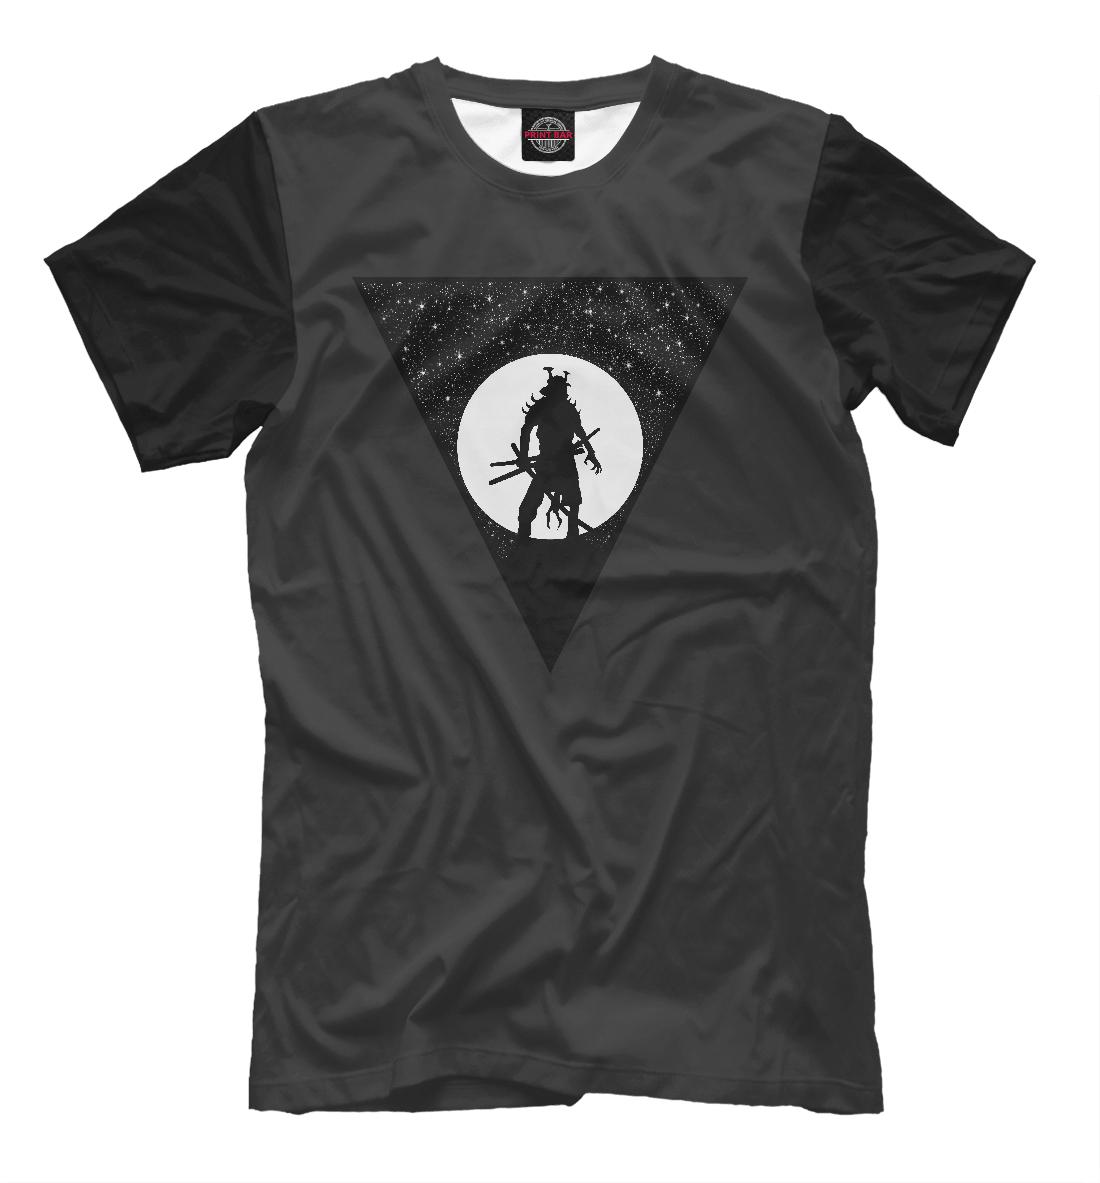 Купить Ninja, Printbar, Футболки, KRT-449529-fut-2